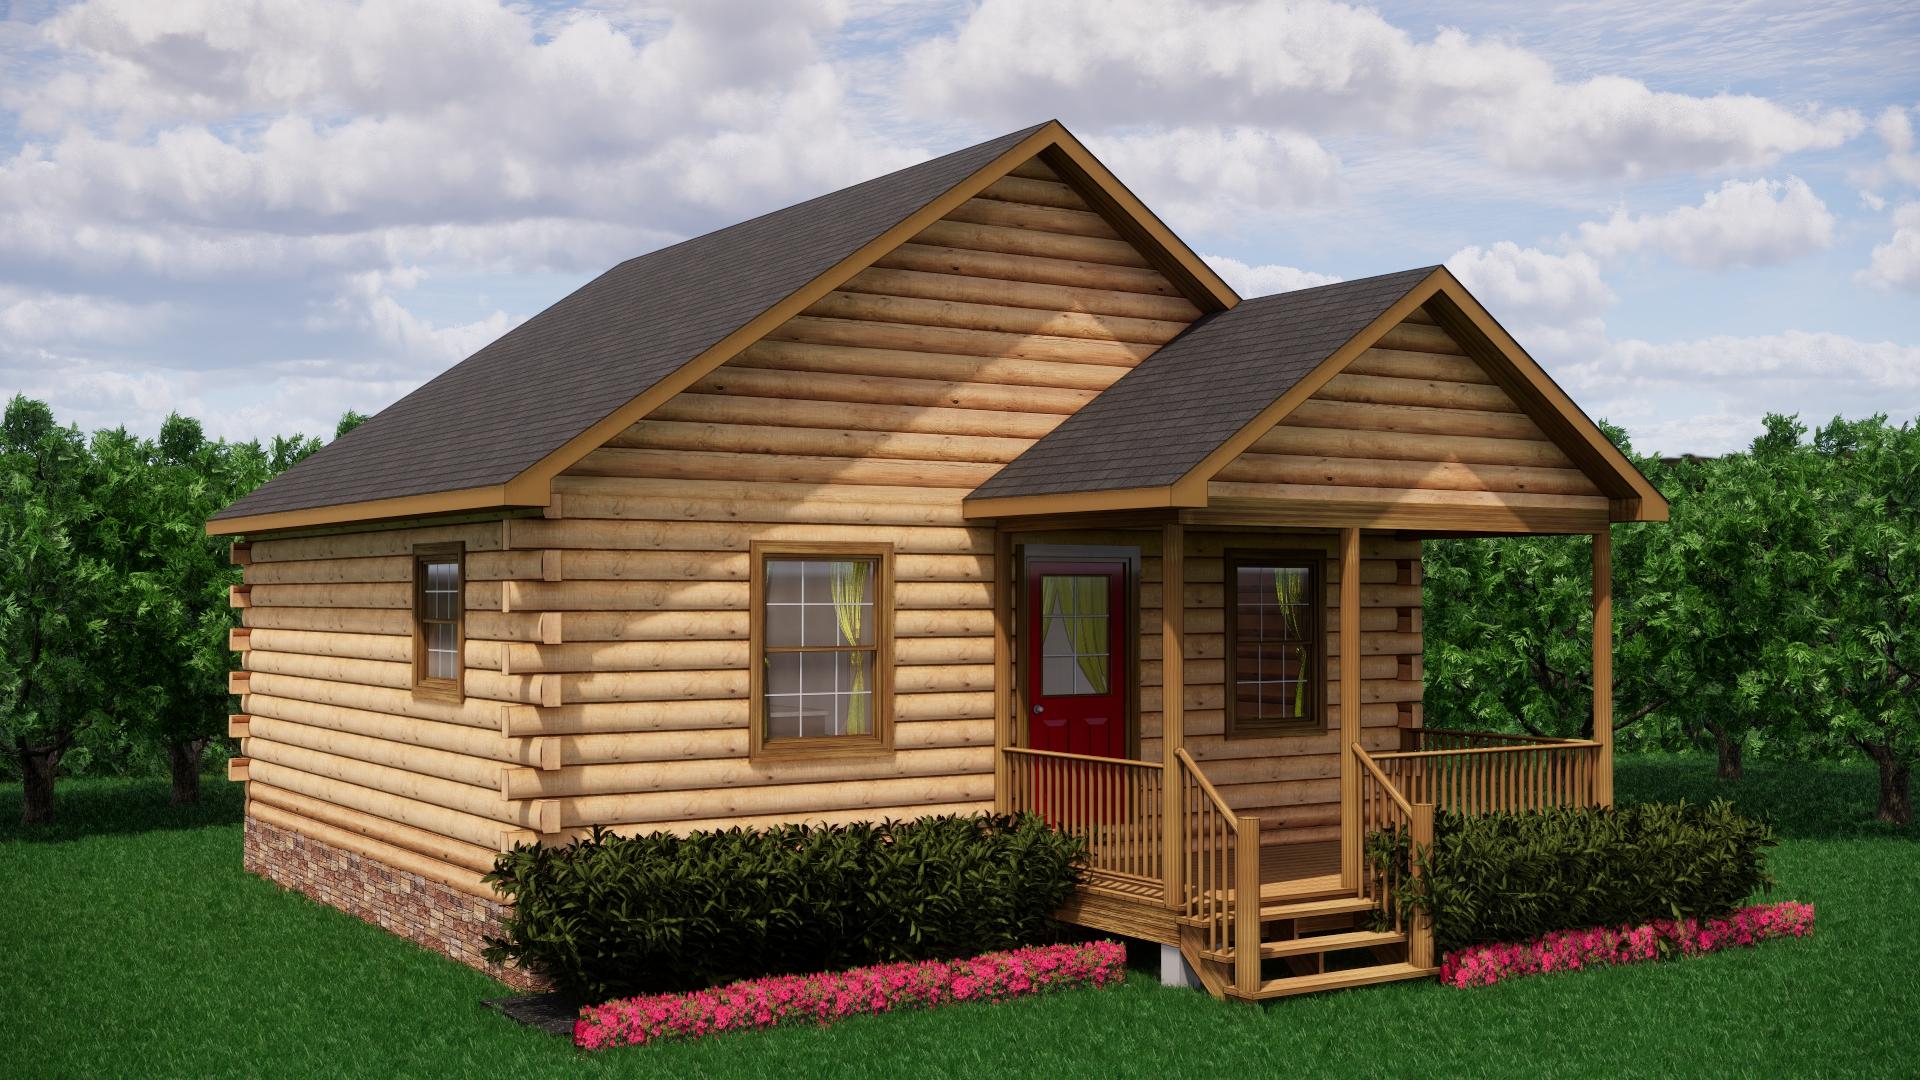 Small Log Cabins - Small Log Cabin Kits 15